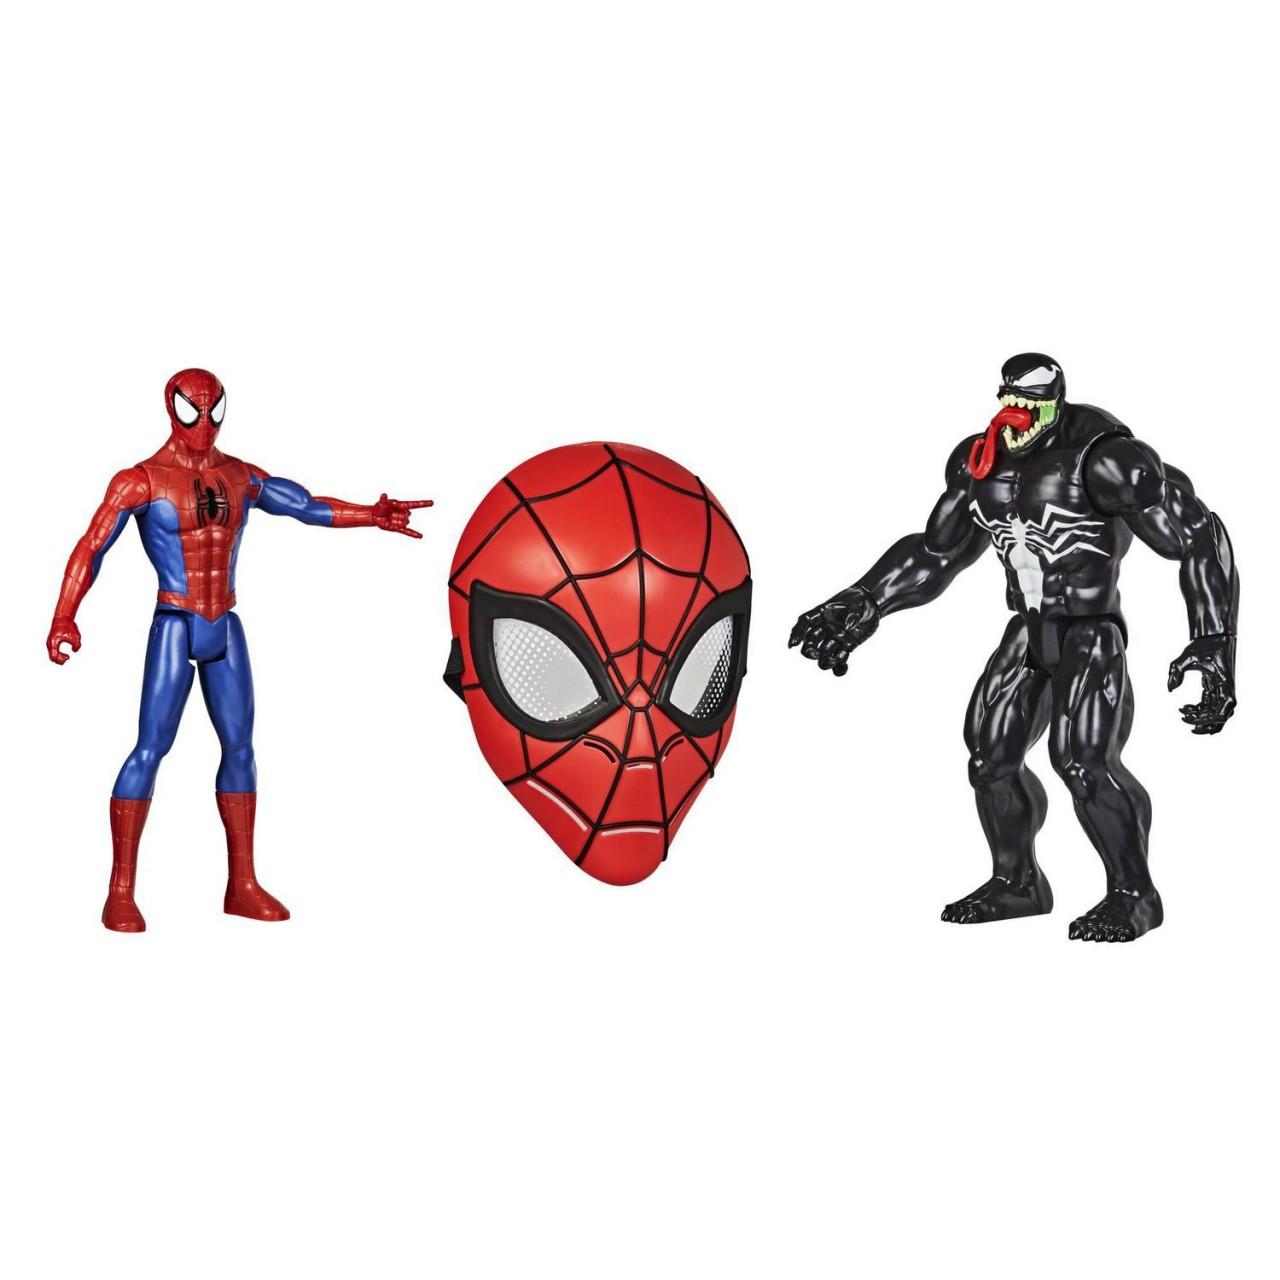 """Набор Человек-Паук, Веном и маска Человека-Паука """"Мстители"""" E8961 от Hasbro"""